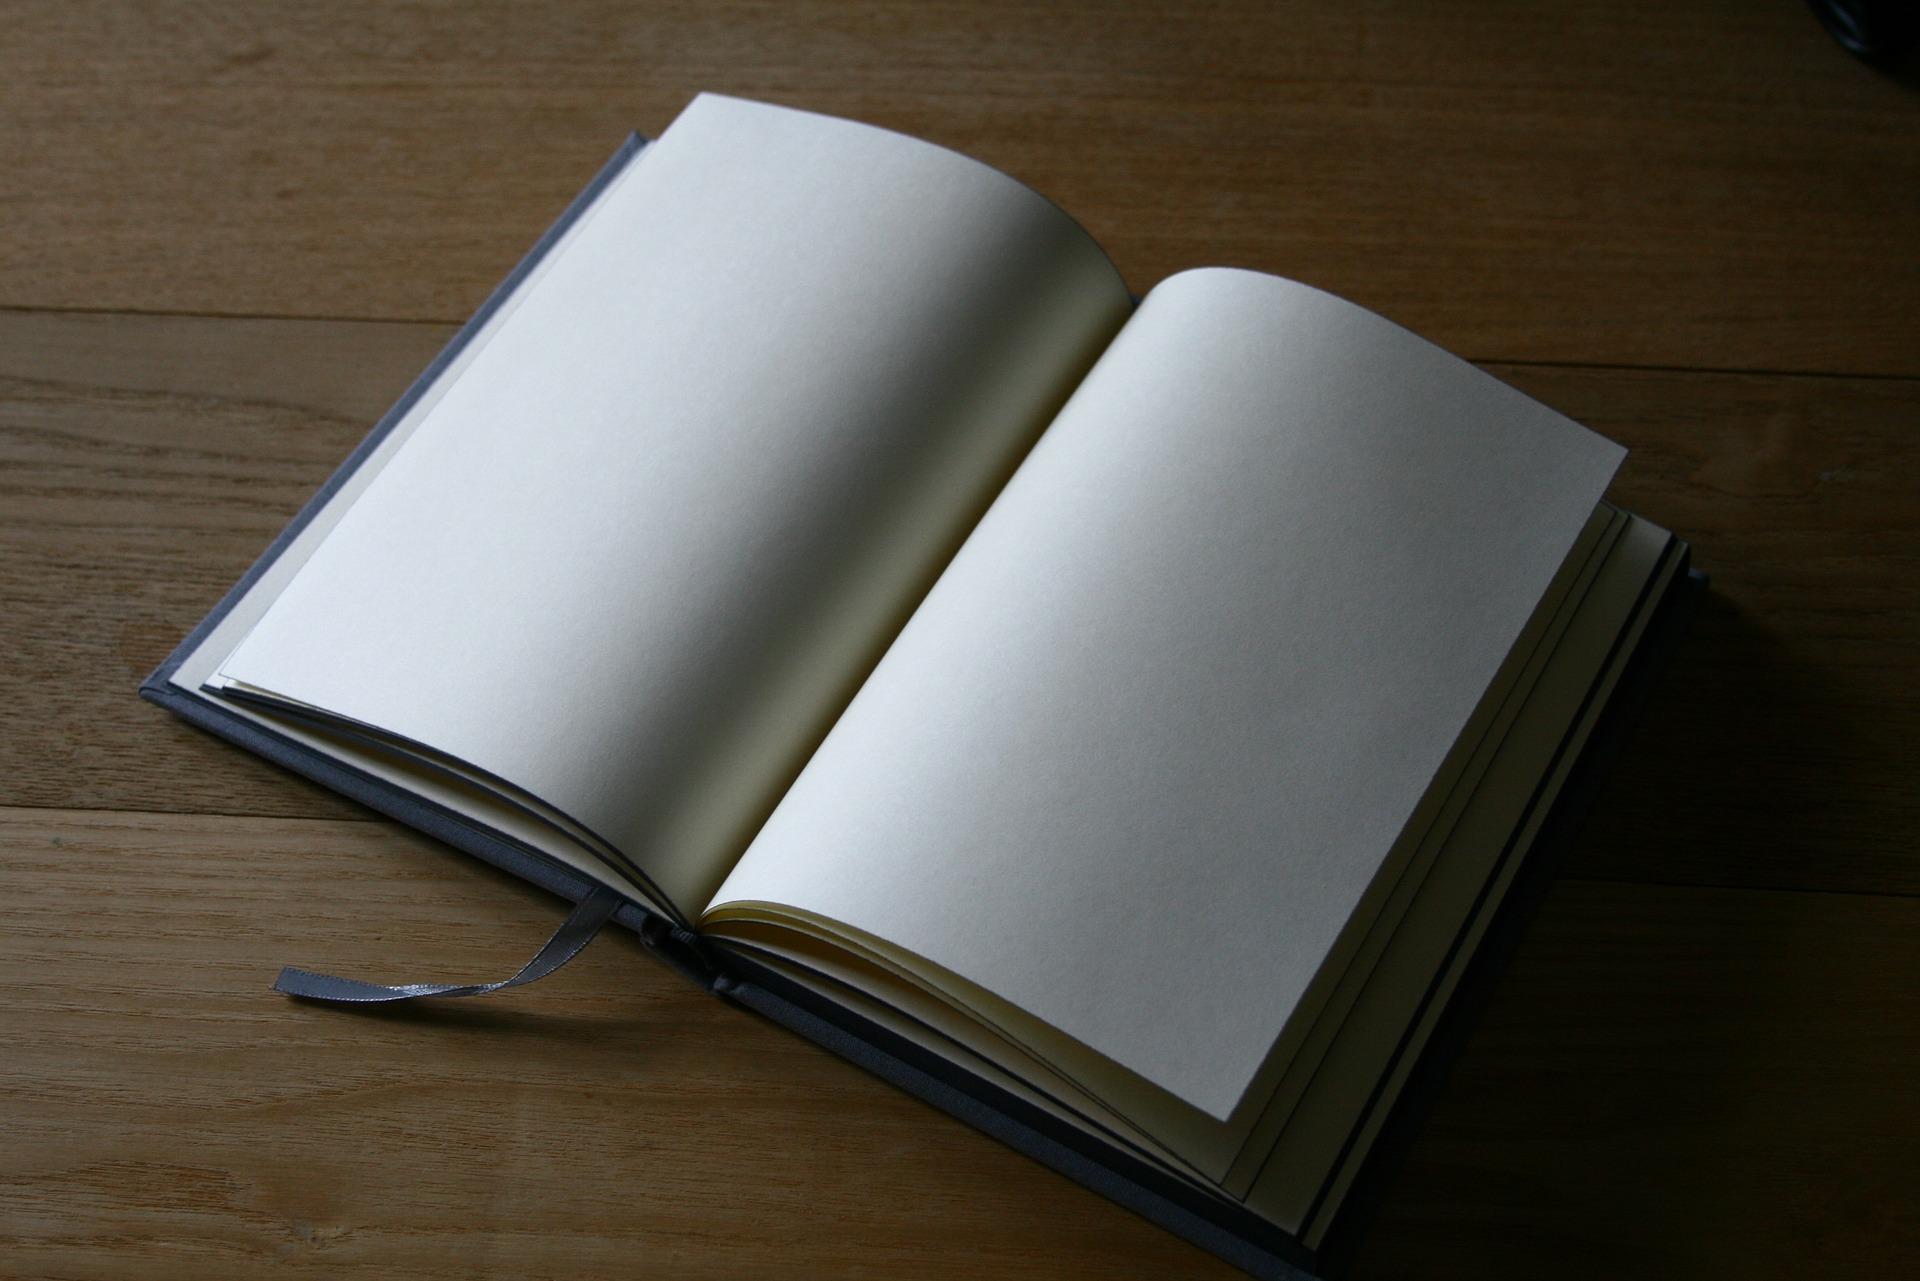 book-1350180_1920.jpg